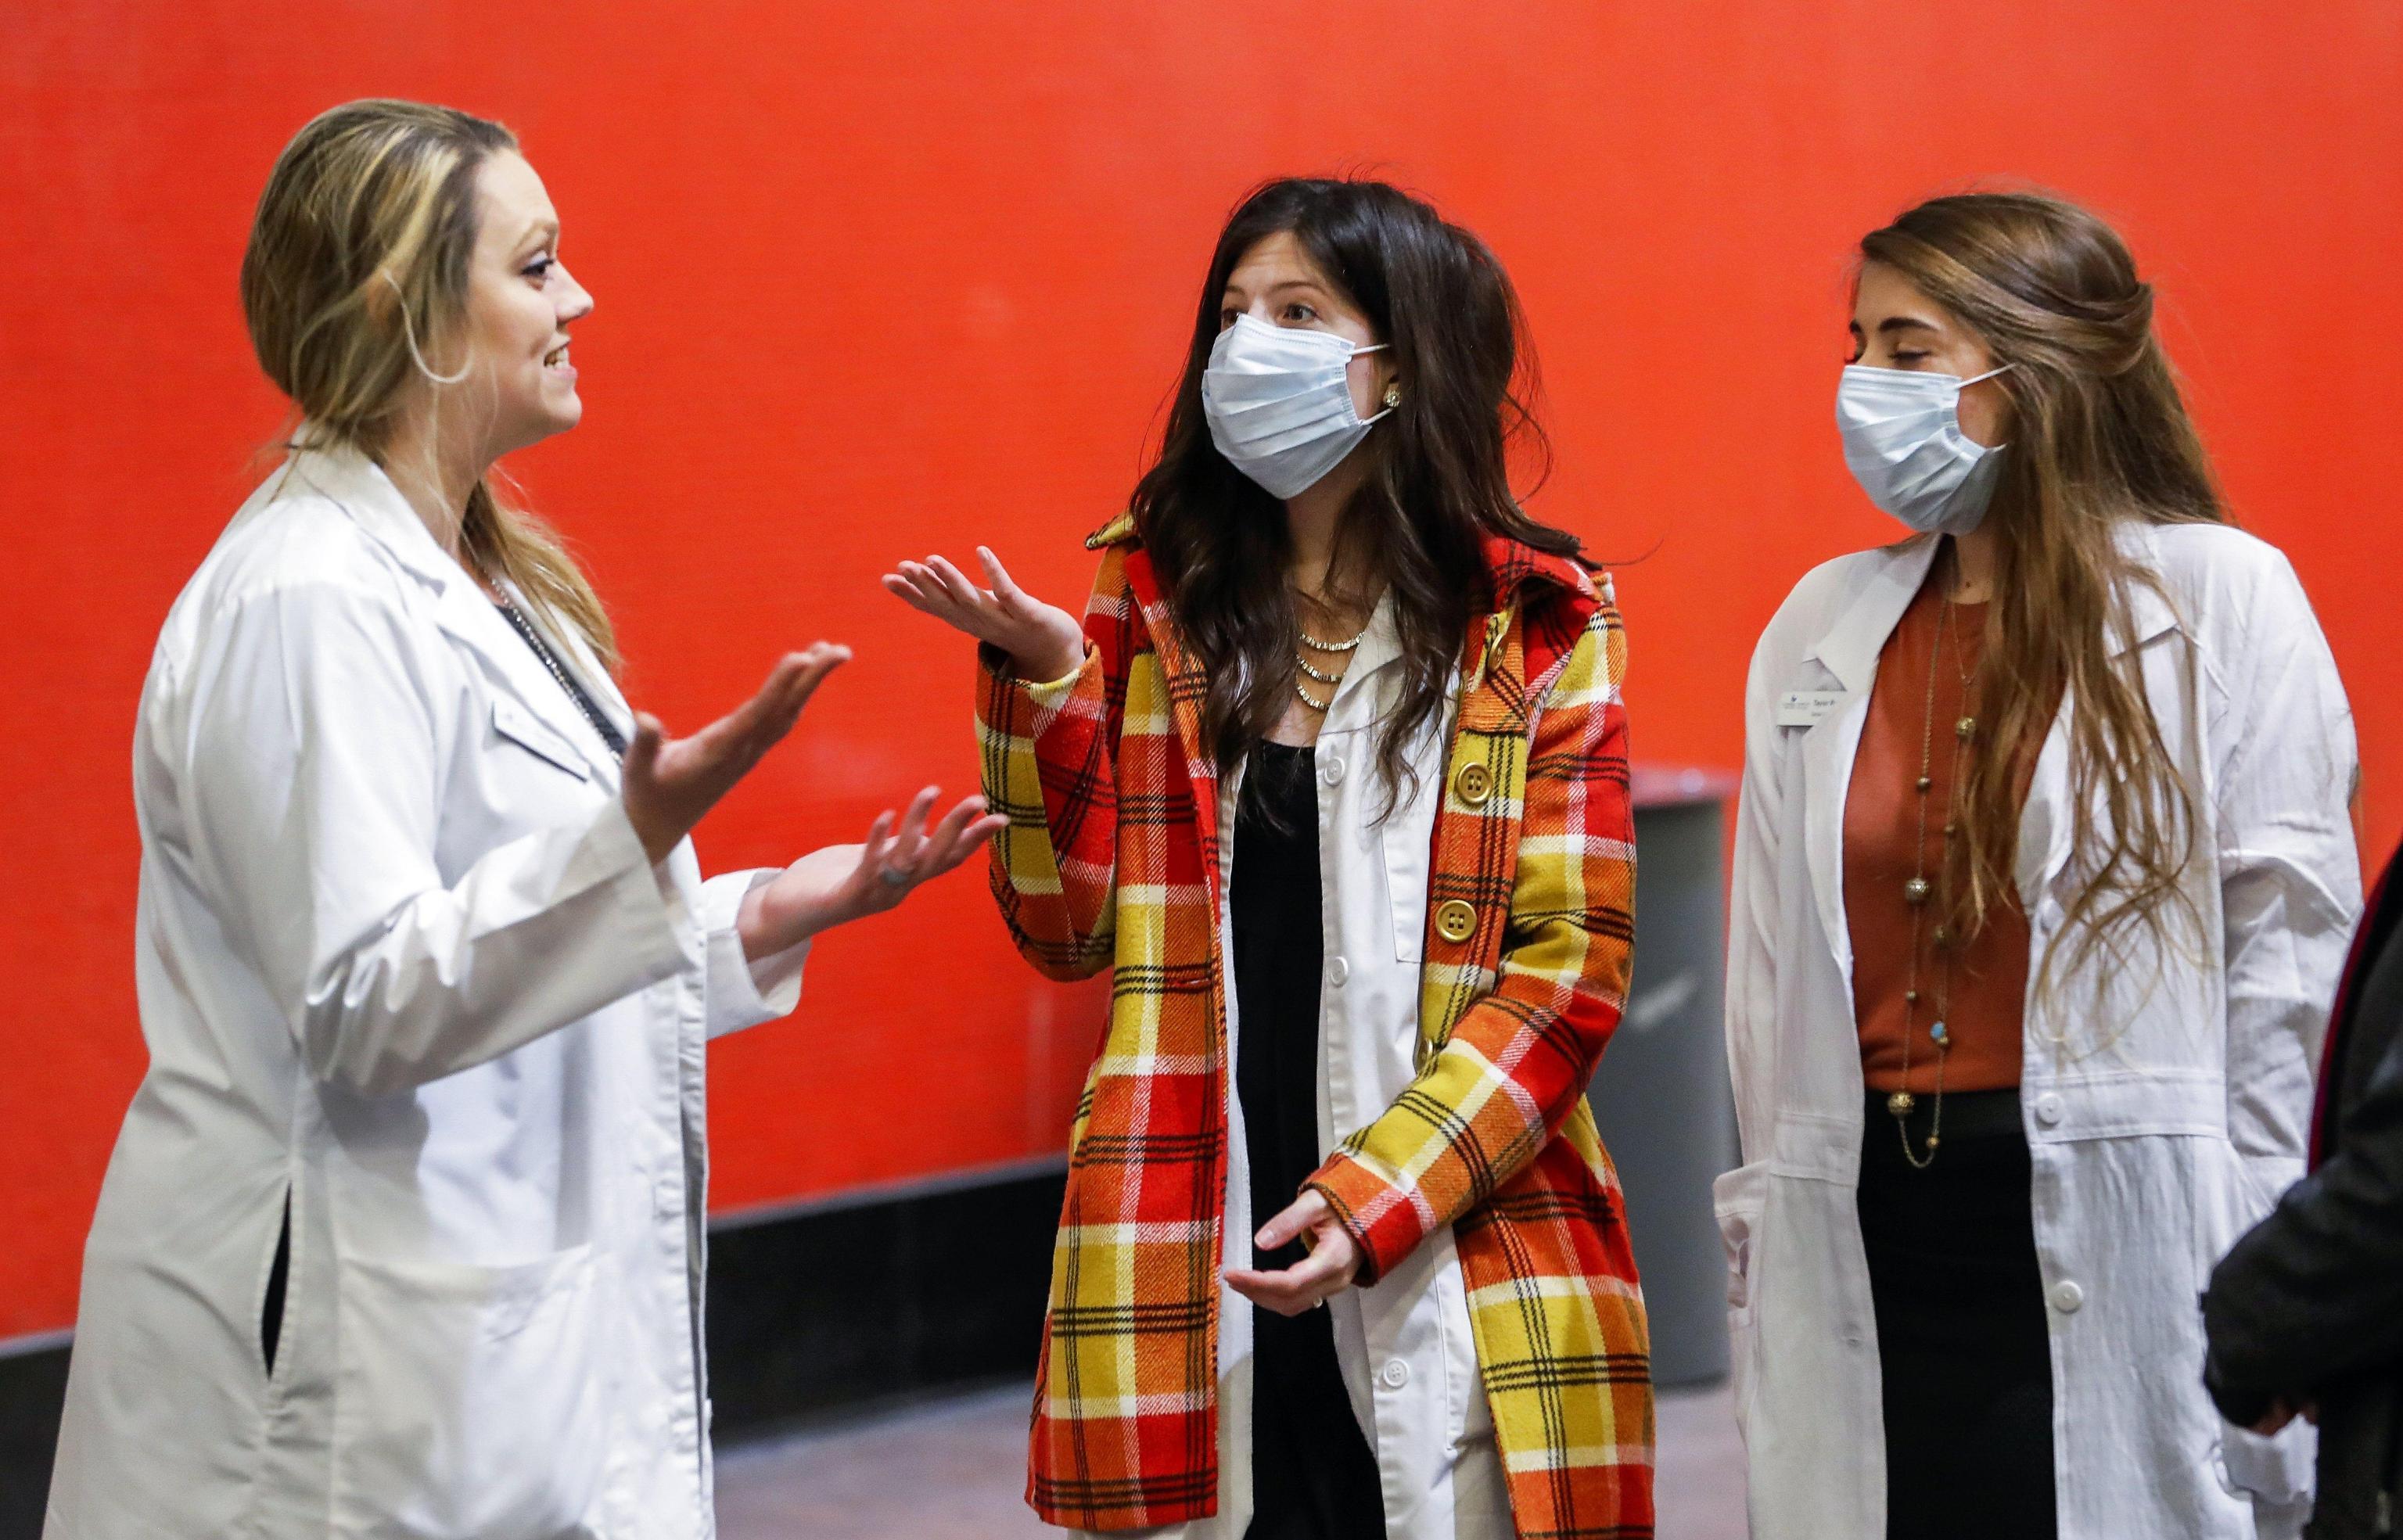 Pandemia di influenza, gli esperti lanciano l'allarme: 'Potrebbe uccidere 33 milioni di persone'